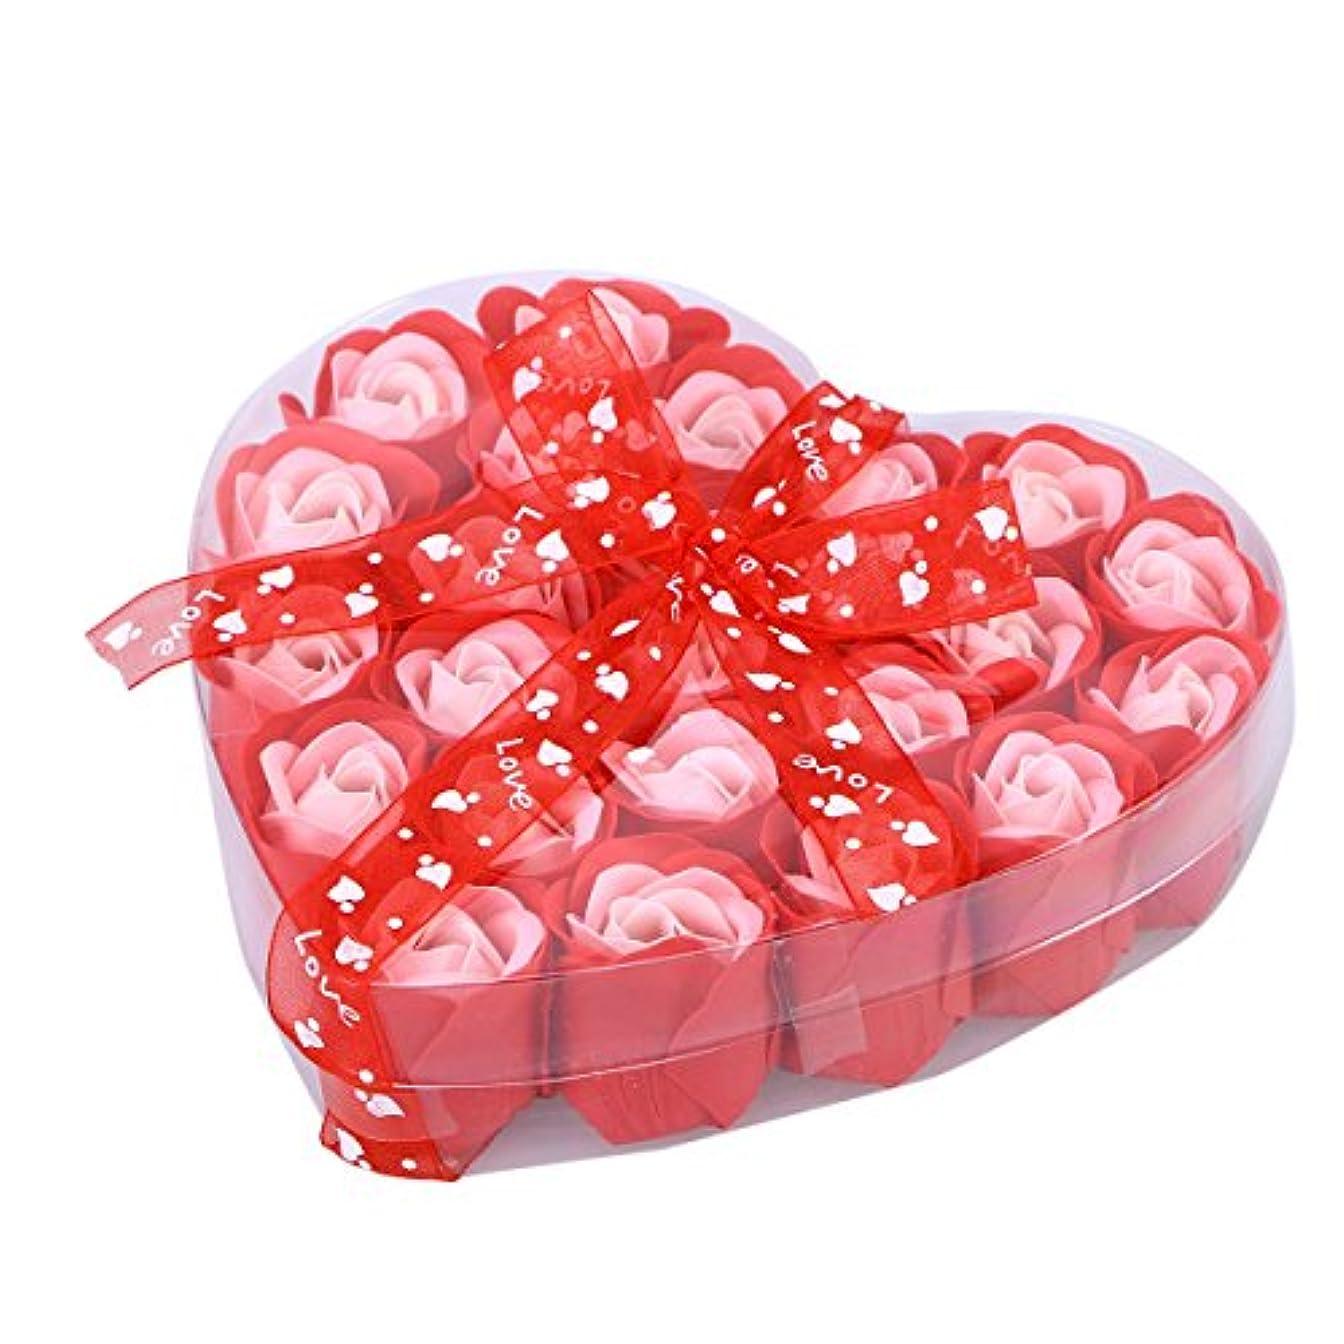 Healifty バレンタインデーのハートボックスに香りの石鹸バラの花びら(ランダムリボン)24個